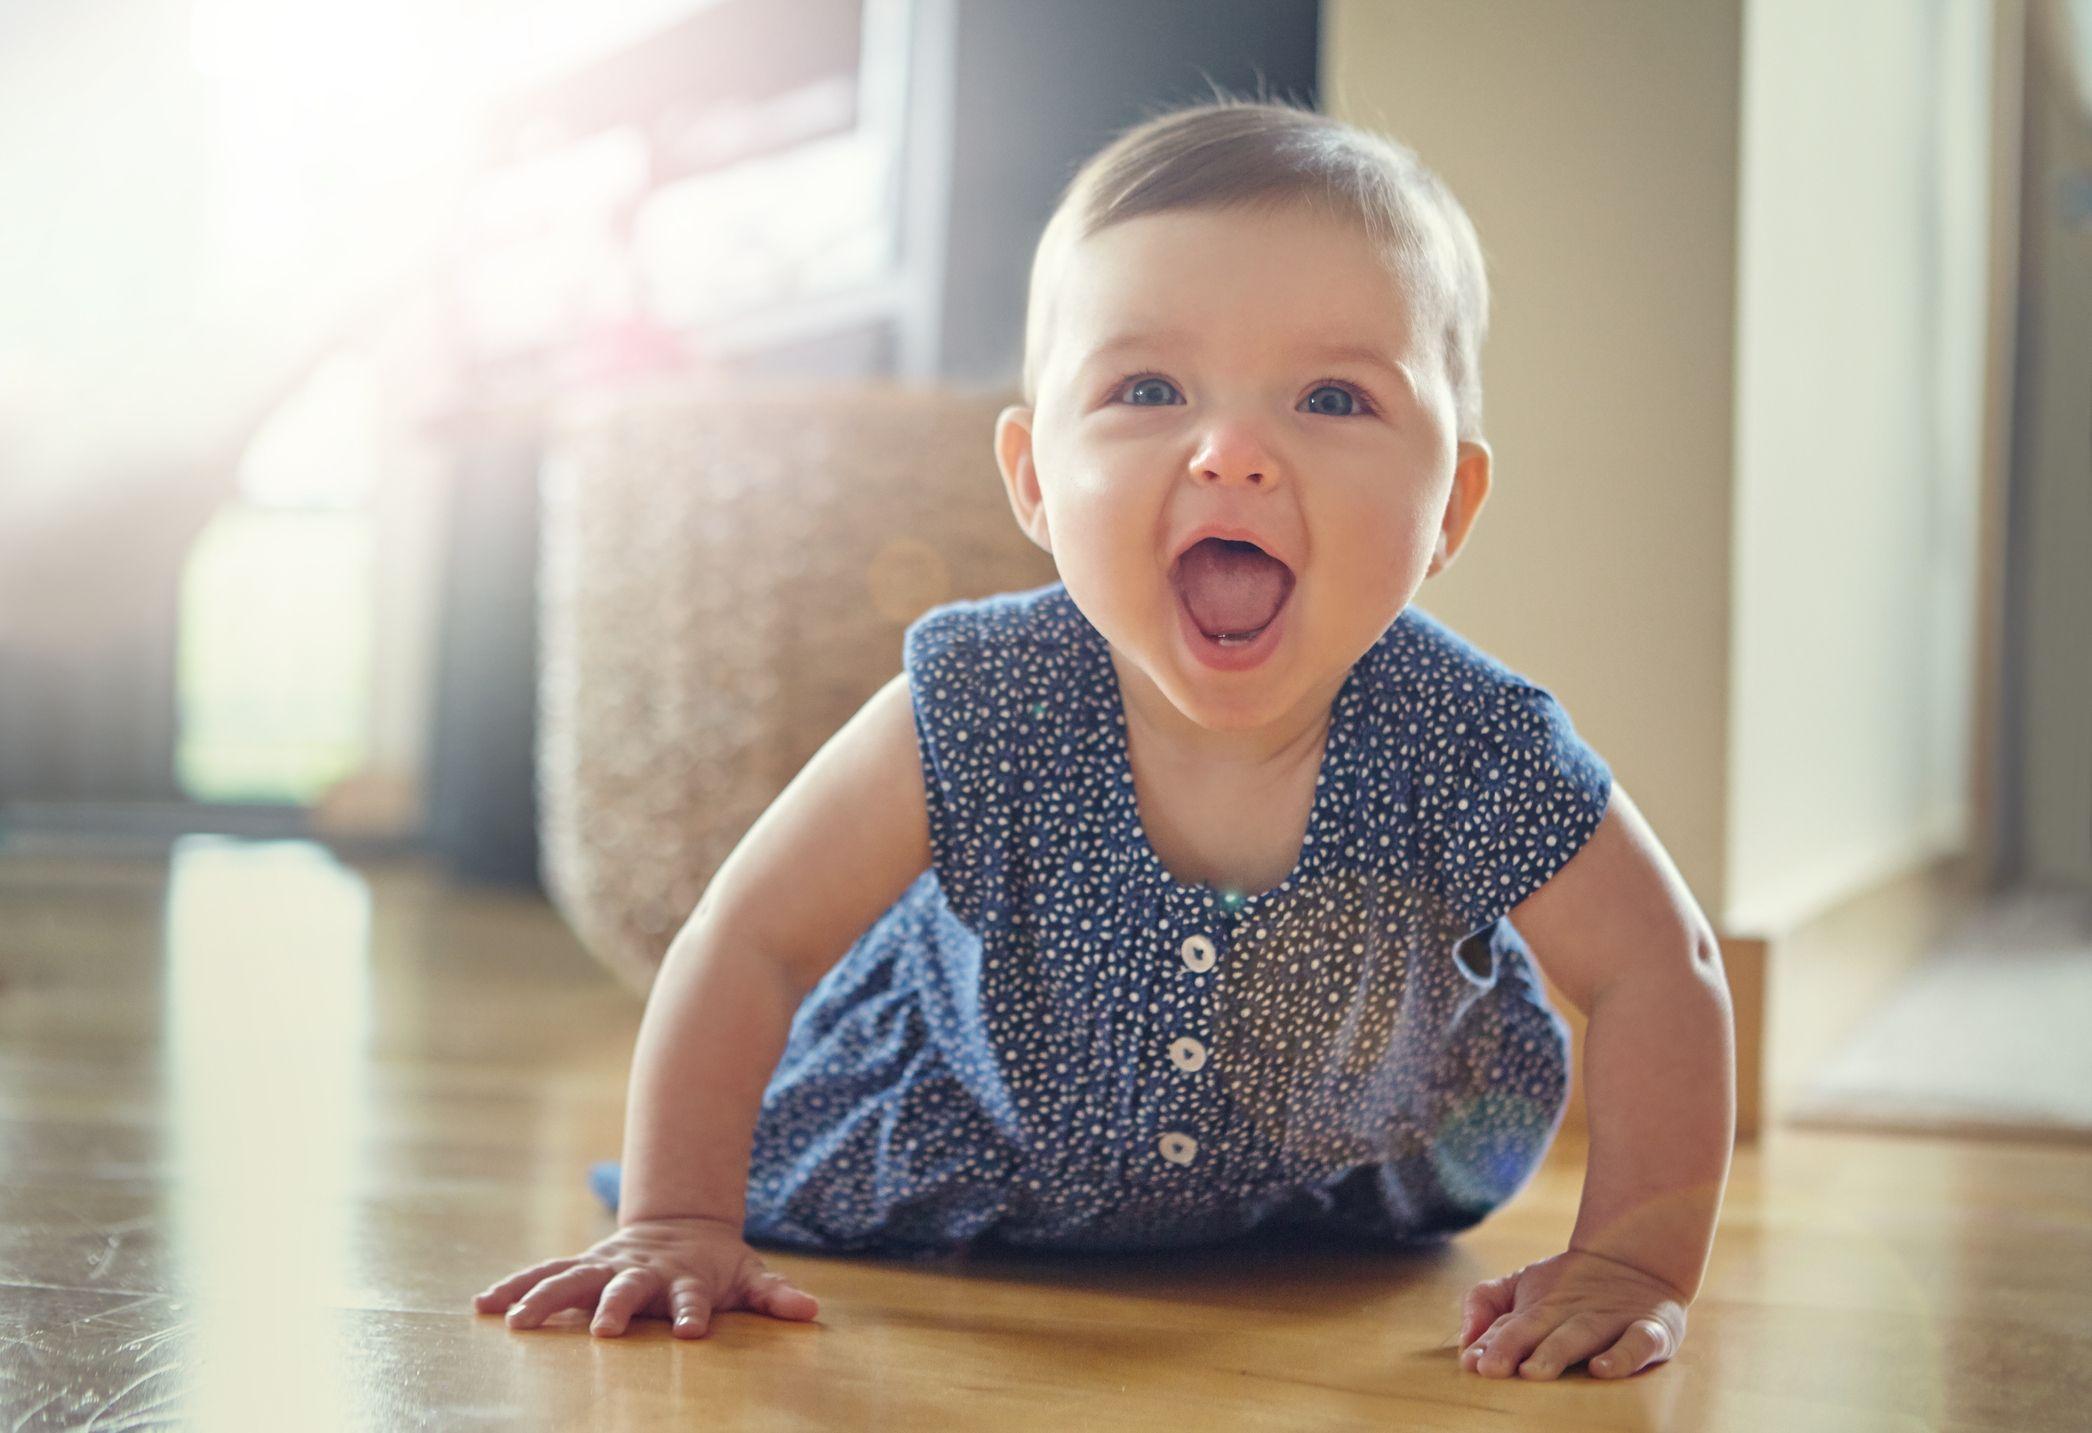 Bébé A 8 Mois : Développement, Motricité, Éveil, Santé Et pour Bebe 6 Mois Eveil